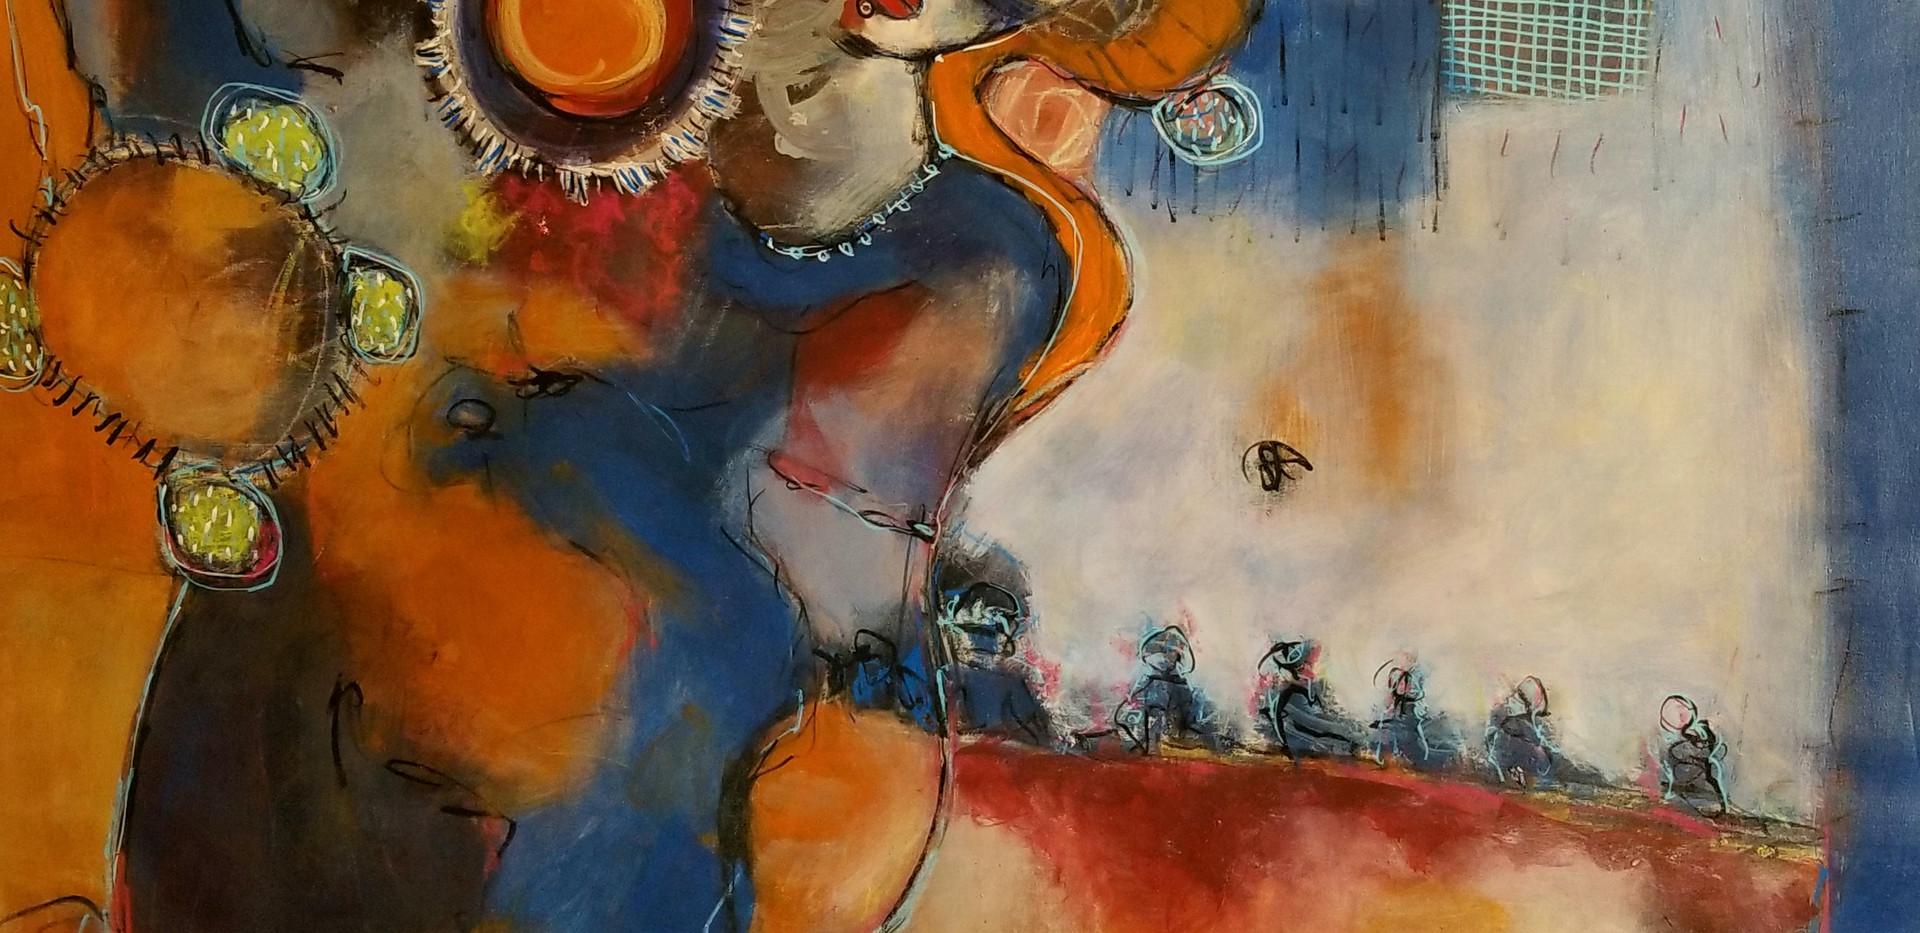 Amour fusionnel- 150x120 Acrylique. Mixt